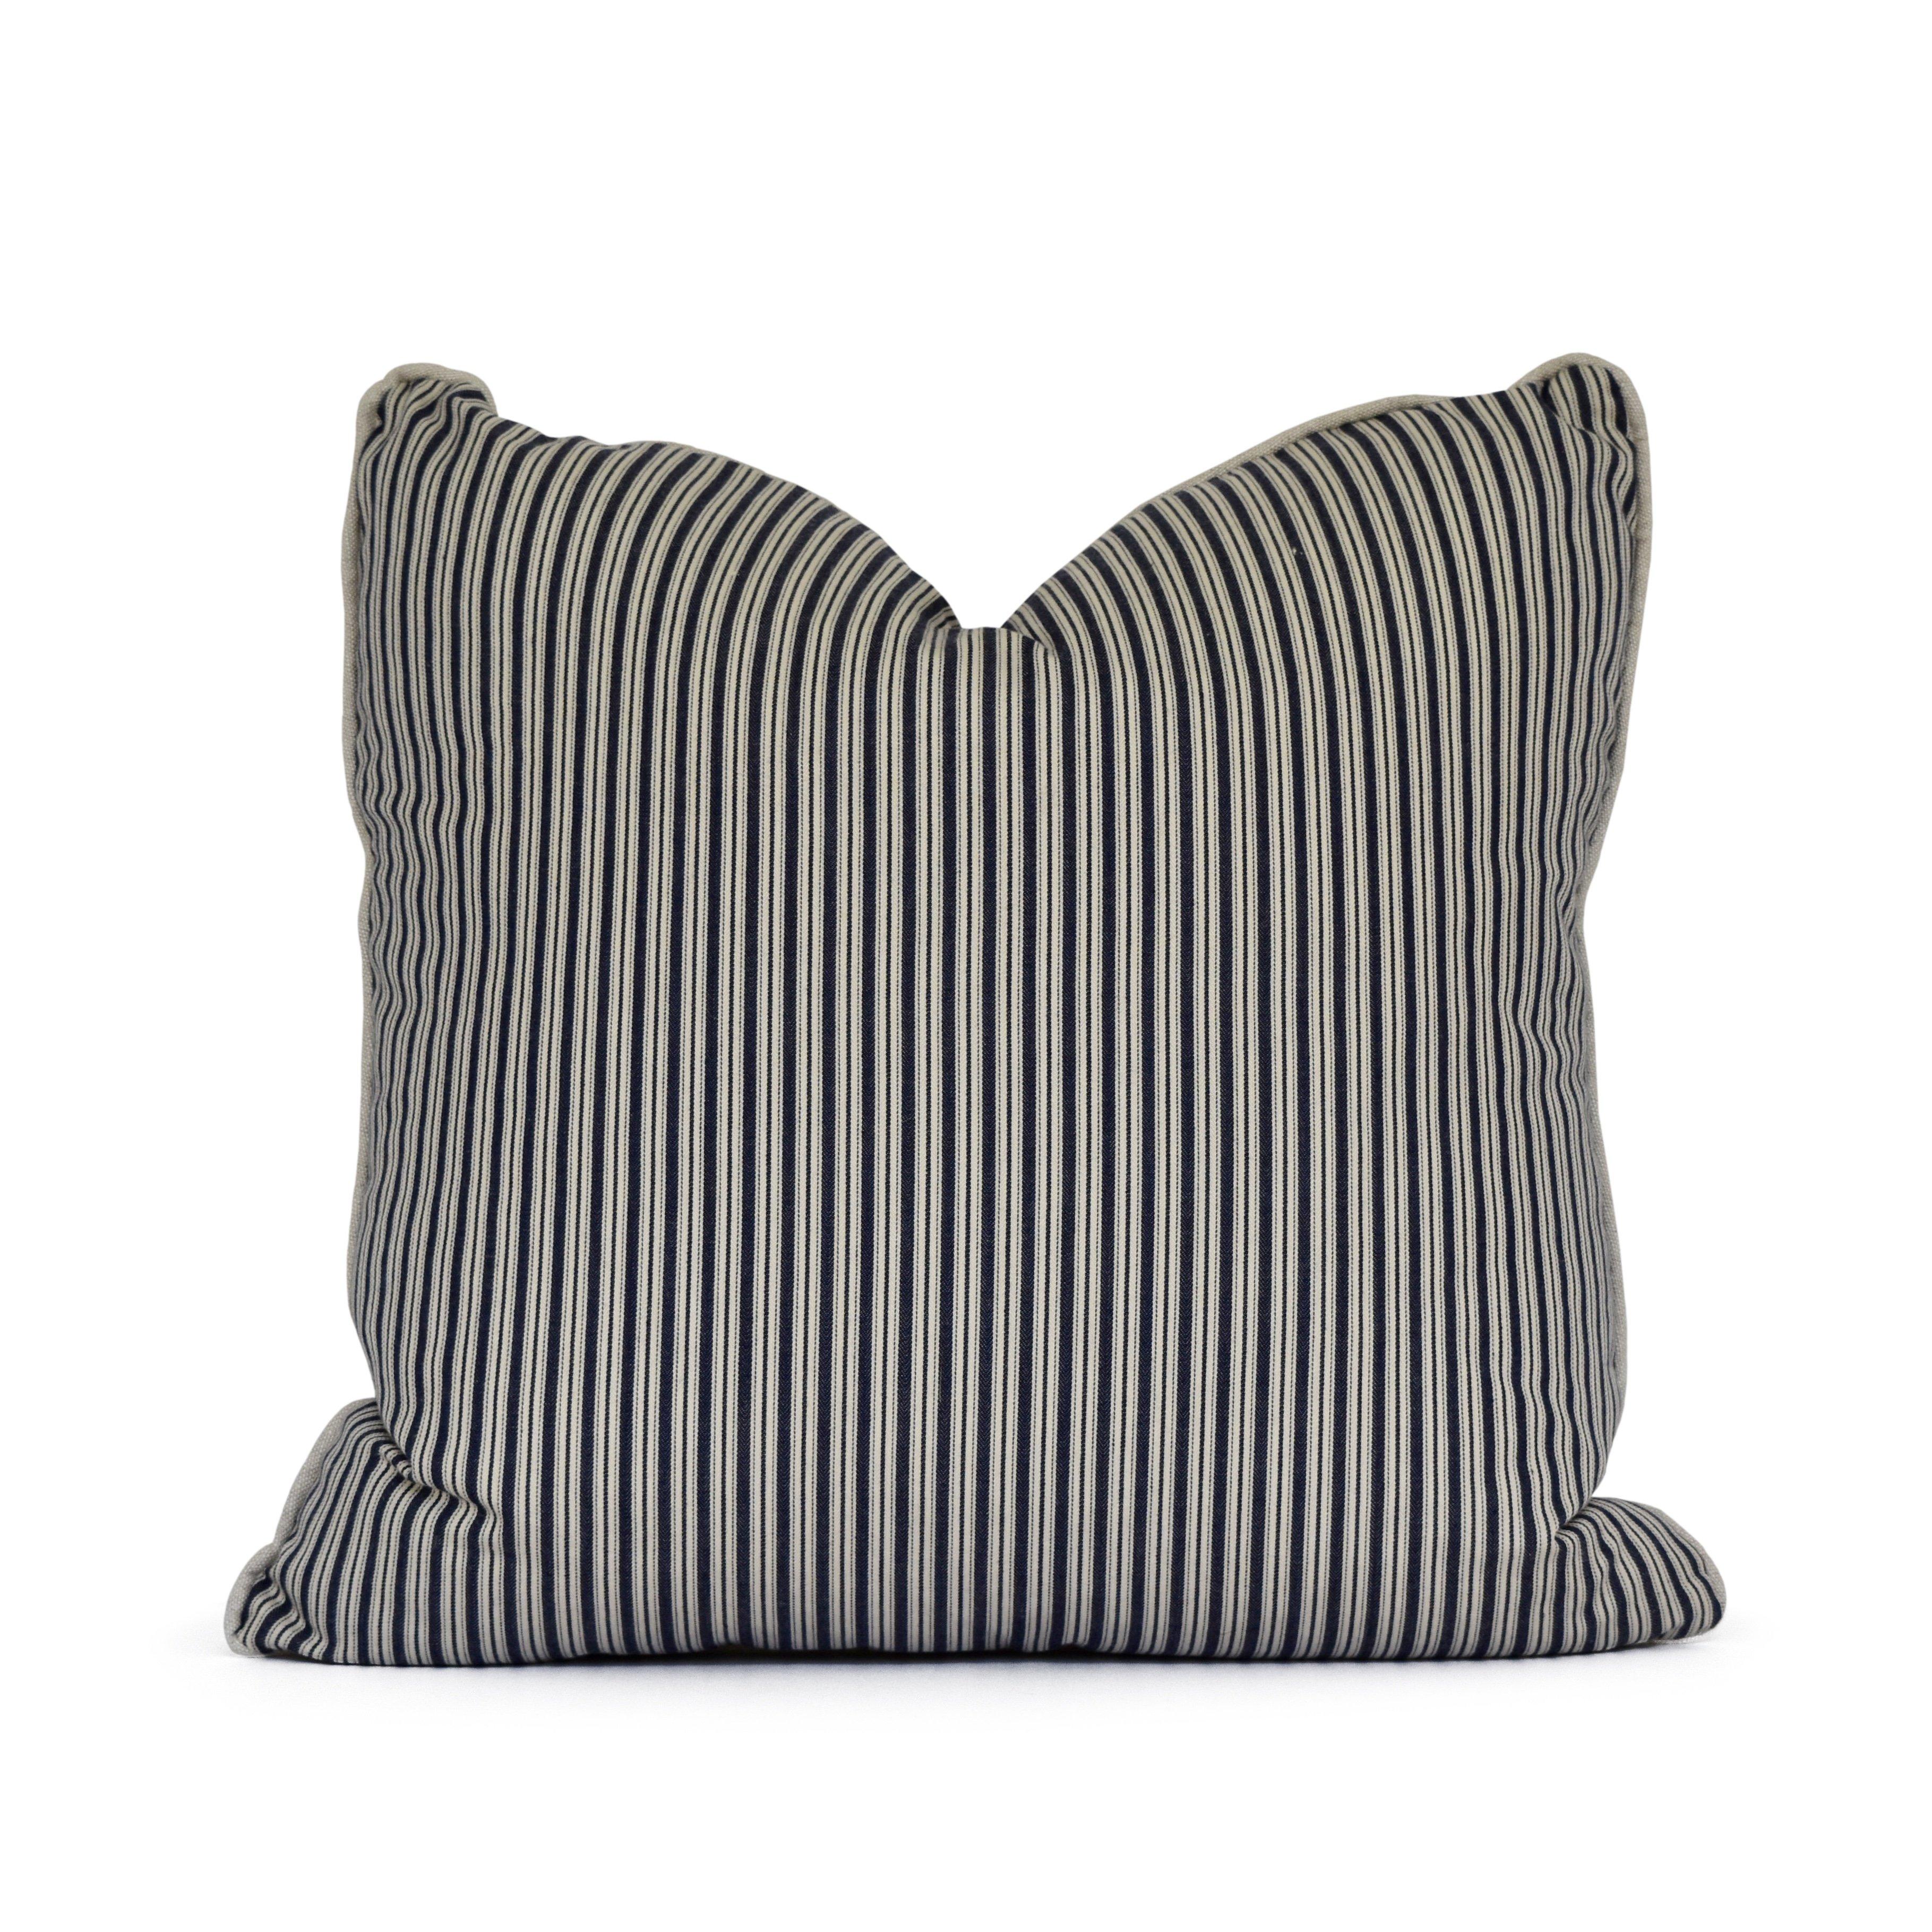 Ticking stripe pillow Navy throw pillow